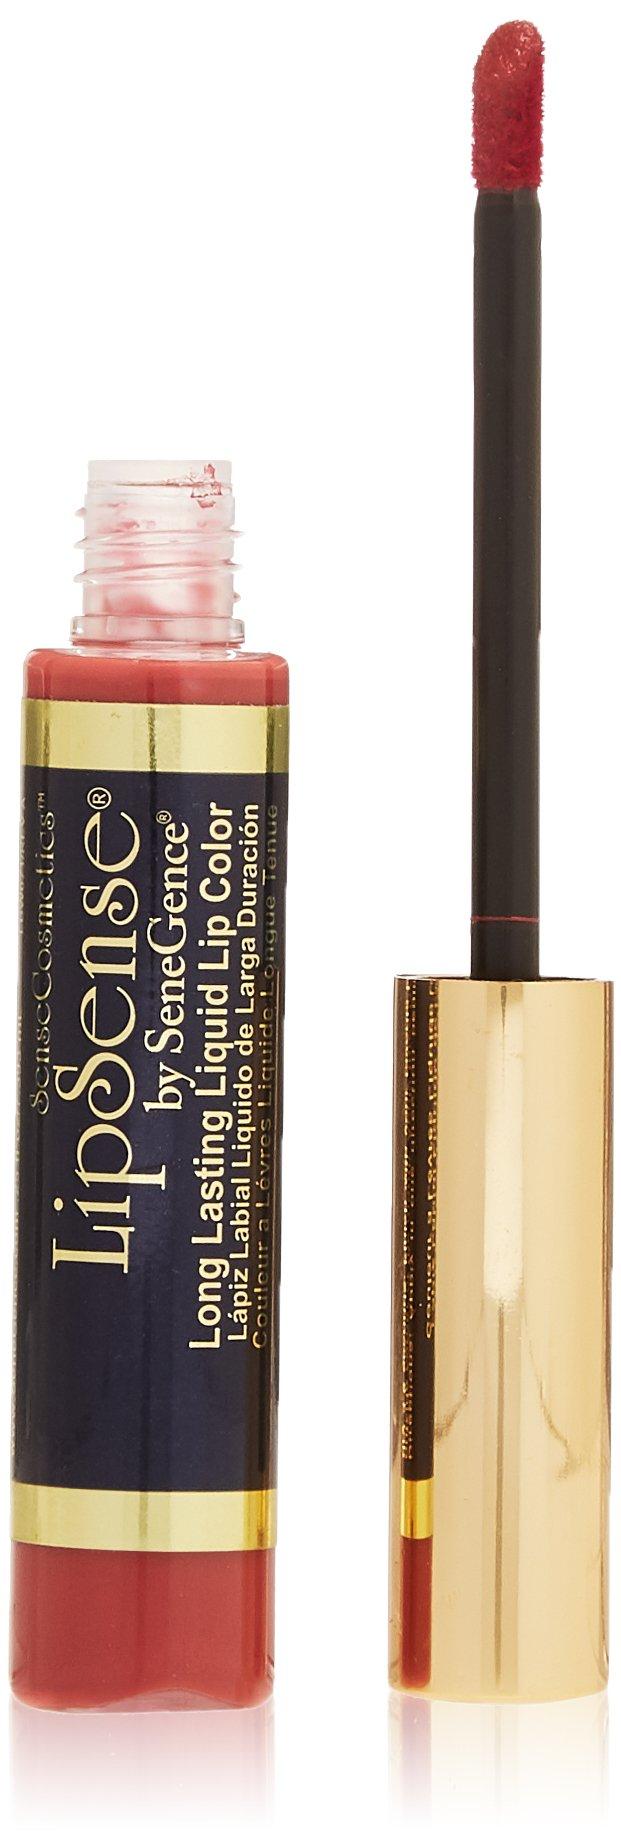 LipSense Liquid Lip Color, Roseberry, 0.25 fl oz / 7.4 ml